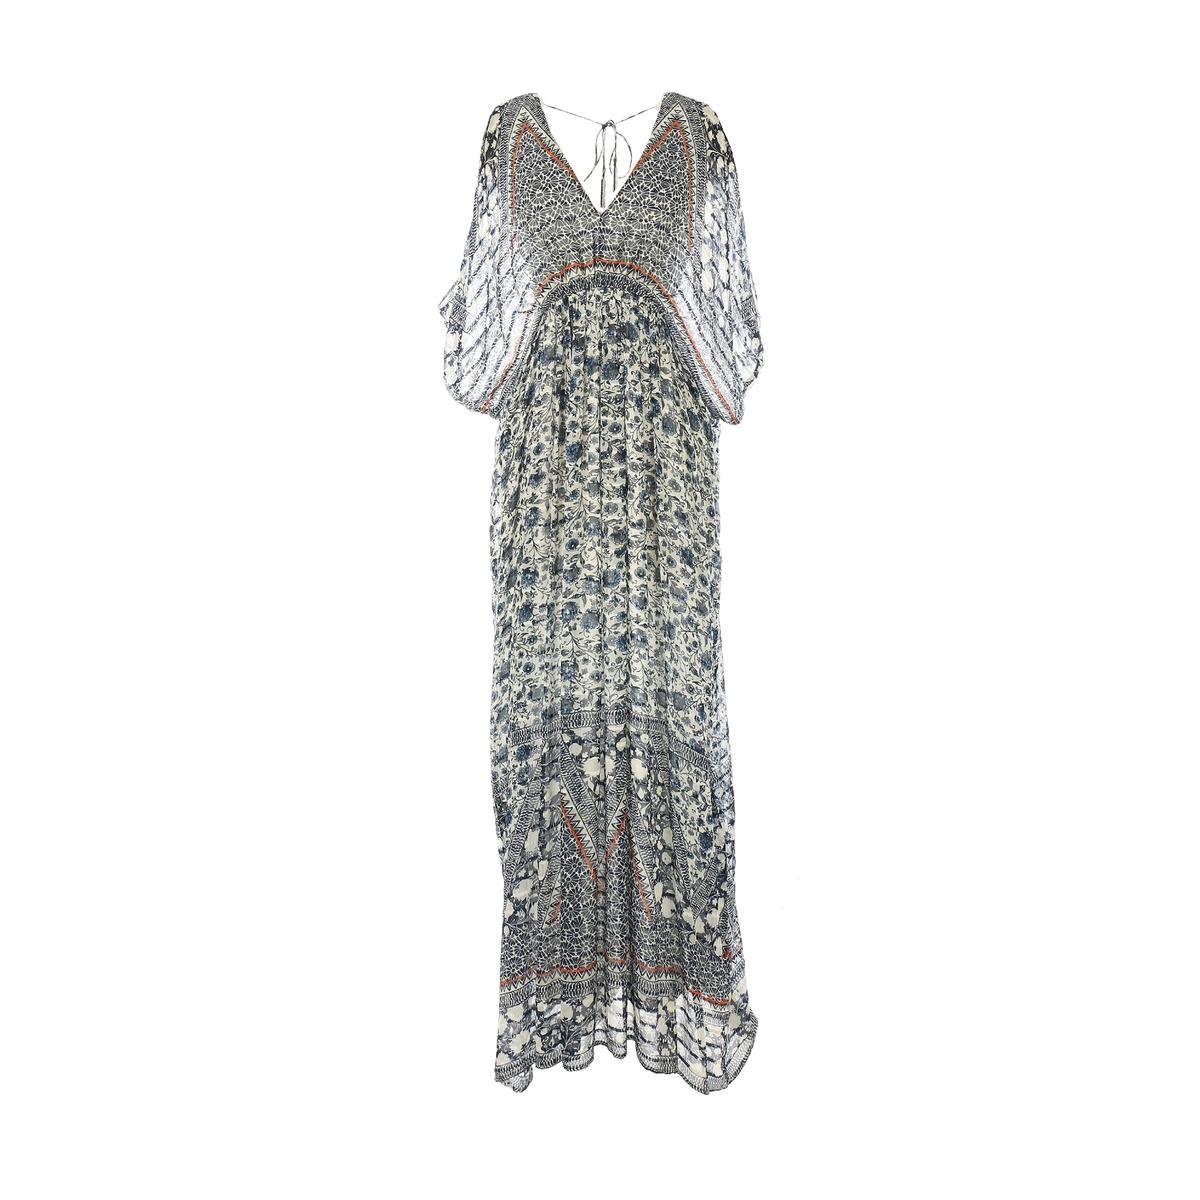 Платье длинное, с длинными рукавамиДетали •  Форма : прямая   •  Длинное •  Длинные рукава     •   V-образный вырез •  Рисунок-принтСостав и уход •  100% вискоза   •  Следуйте советам по уходу, указанным на этикетке<br><br>Цвет: наб. рисунок синий<br>Размер: L